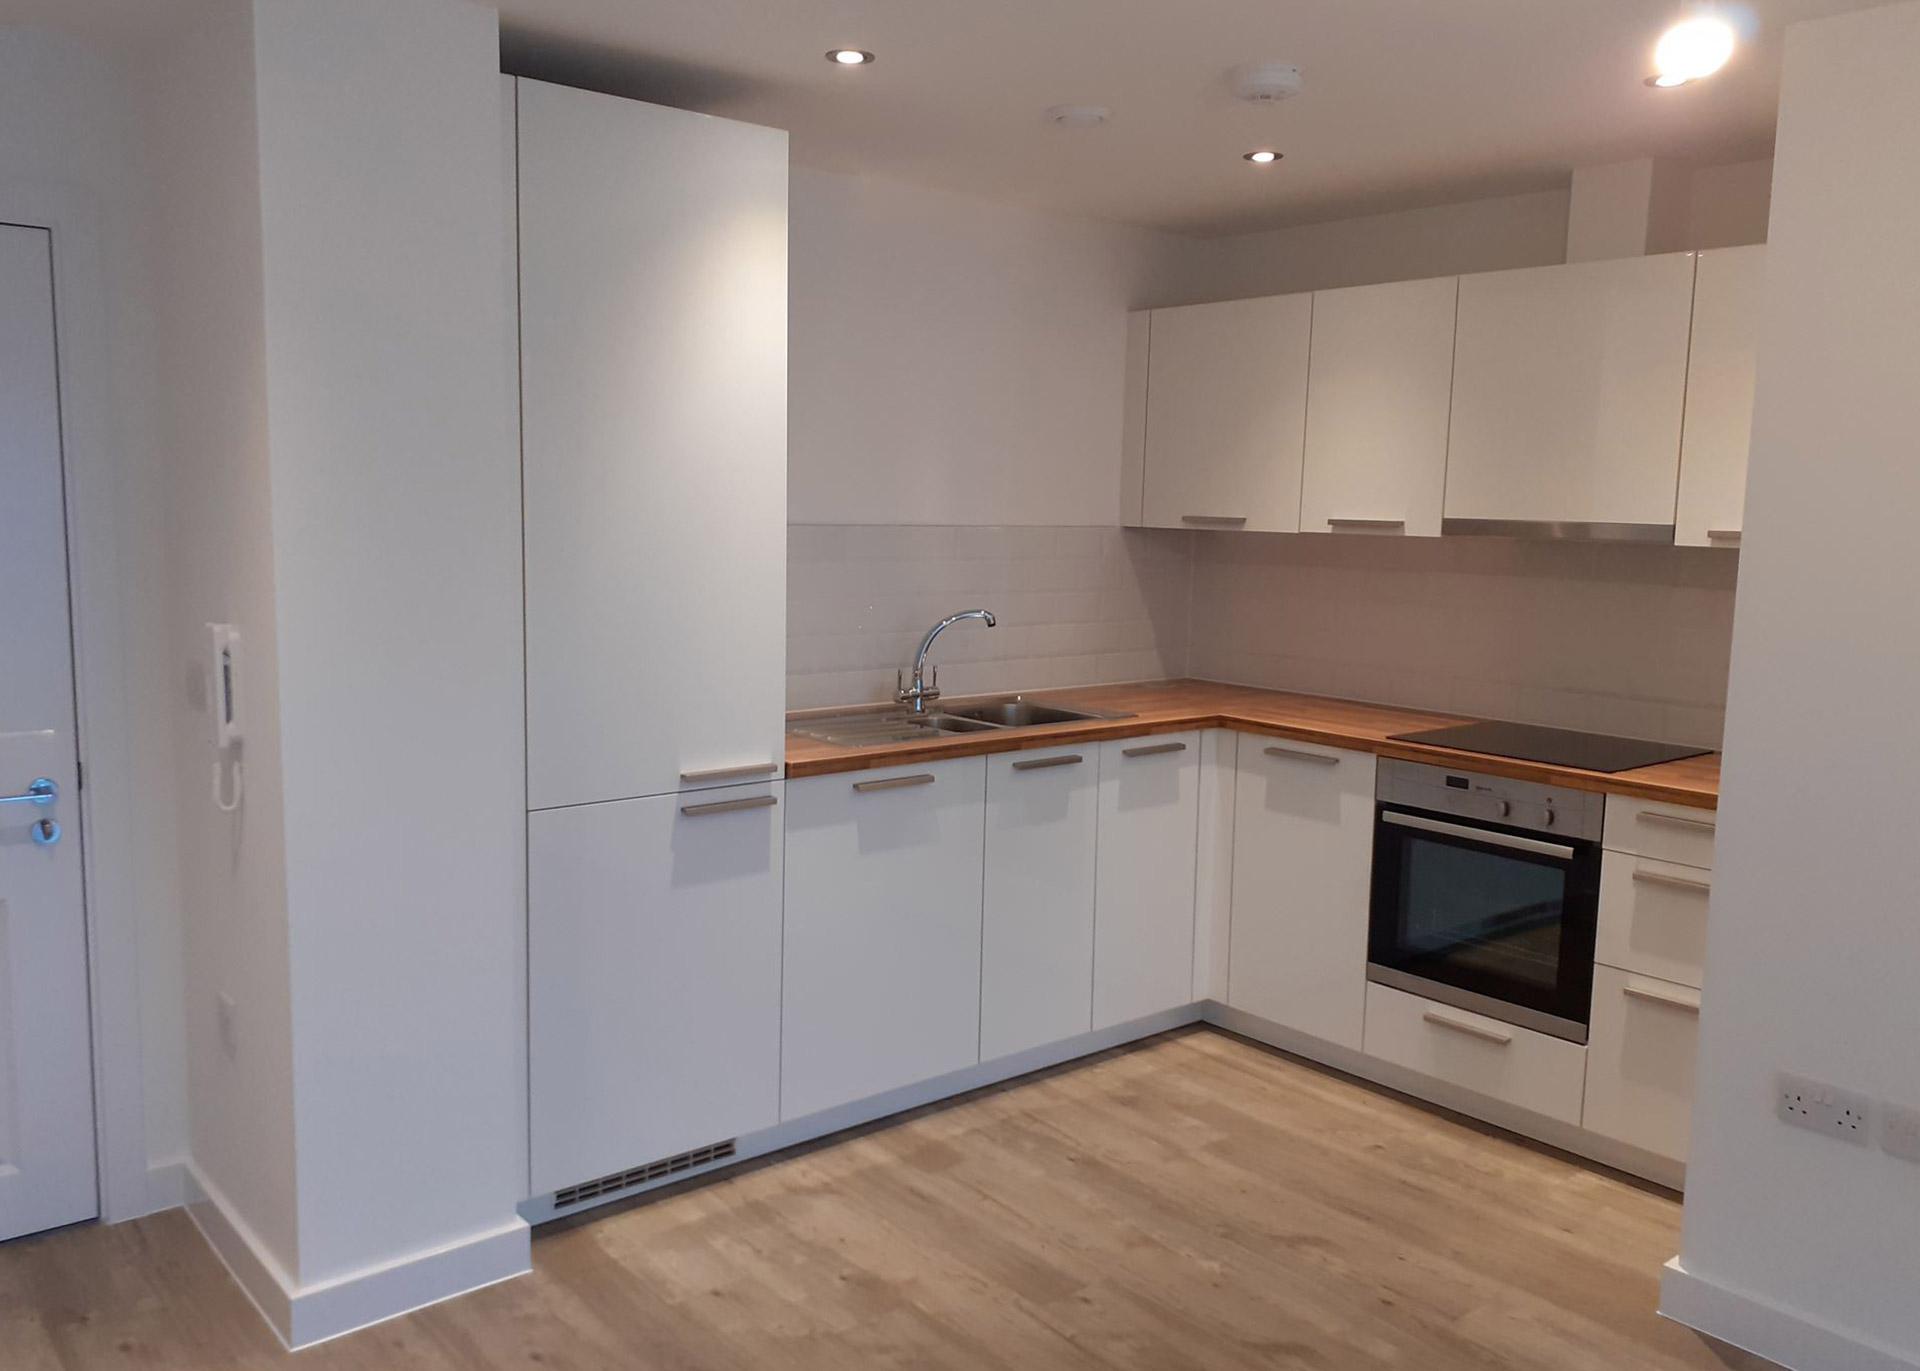 b-704-Westmount-2-bed-Apartment-kitchen-02